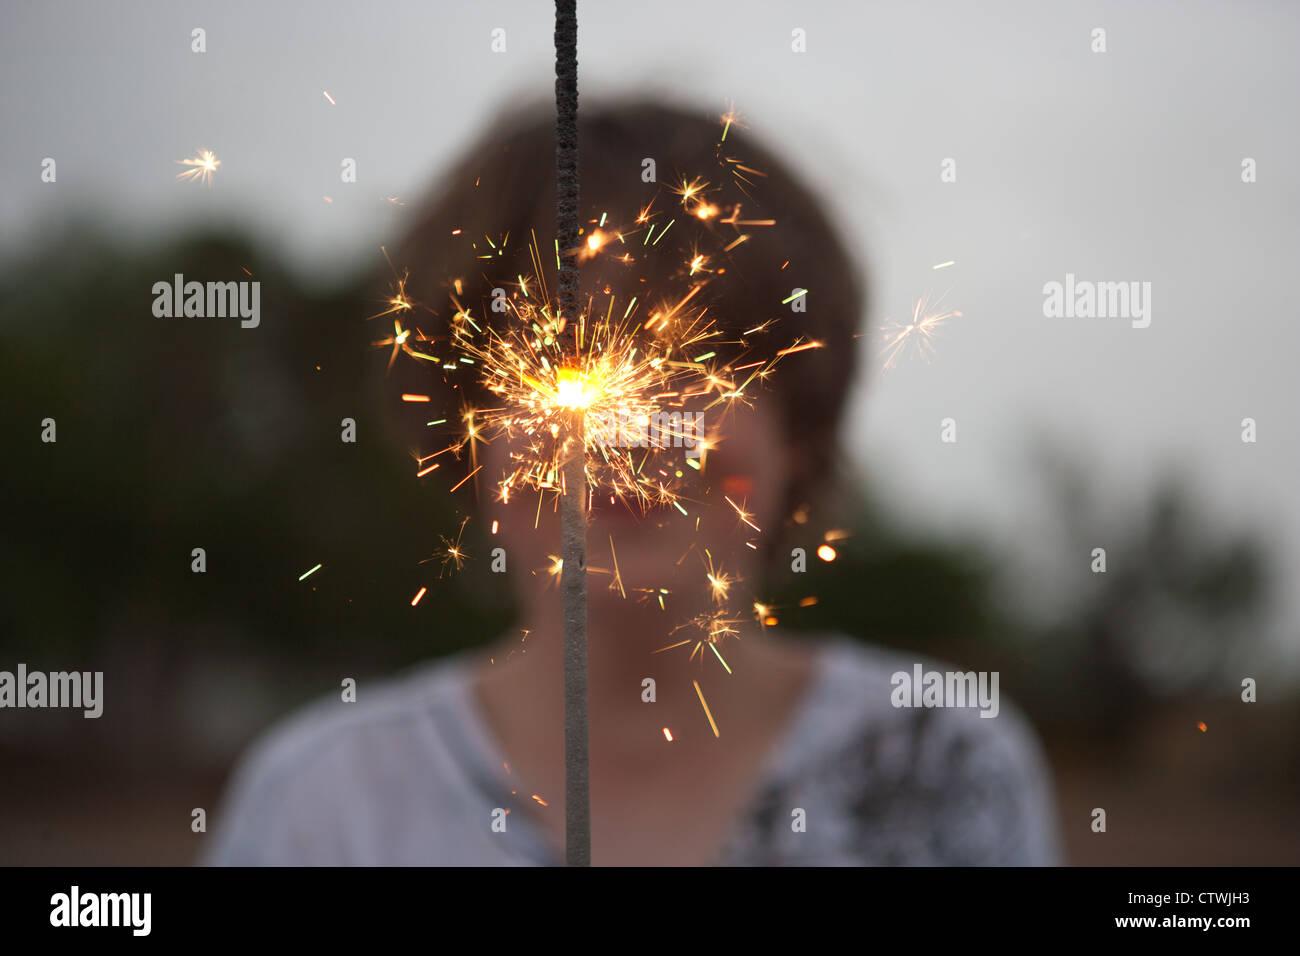 13 Jahre alter Junge hält eine große Spakler am 4. Juli. Stockbild